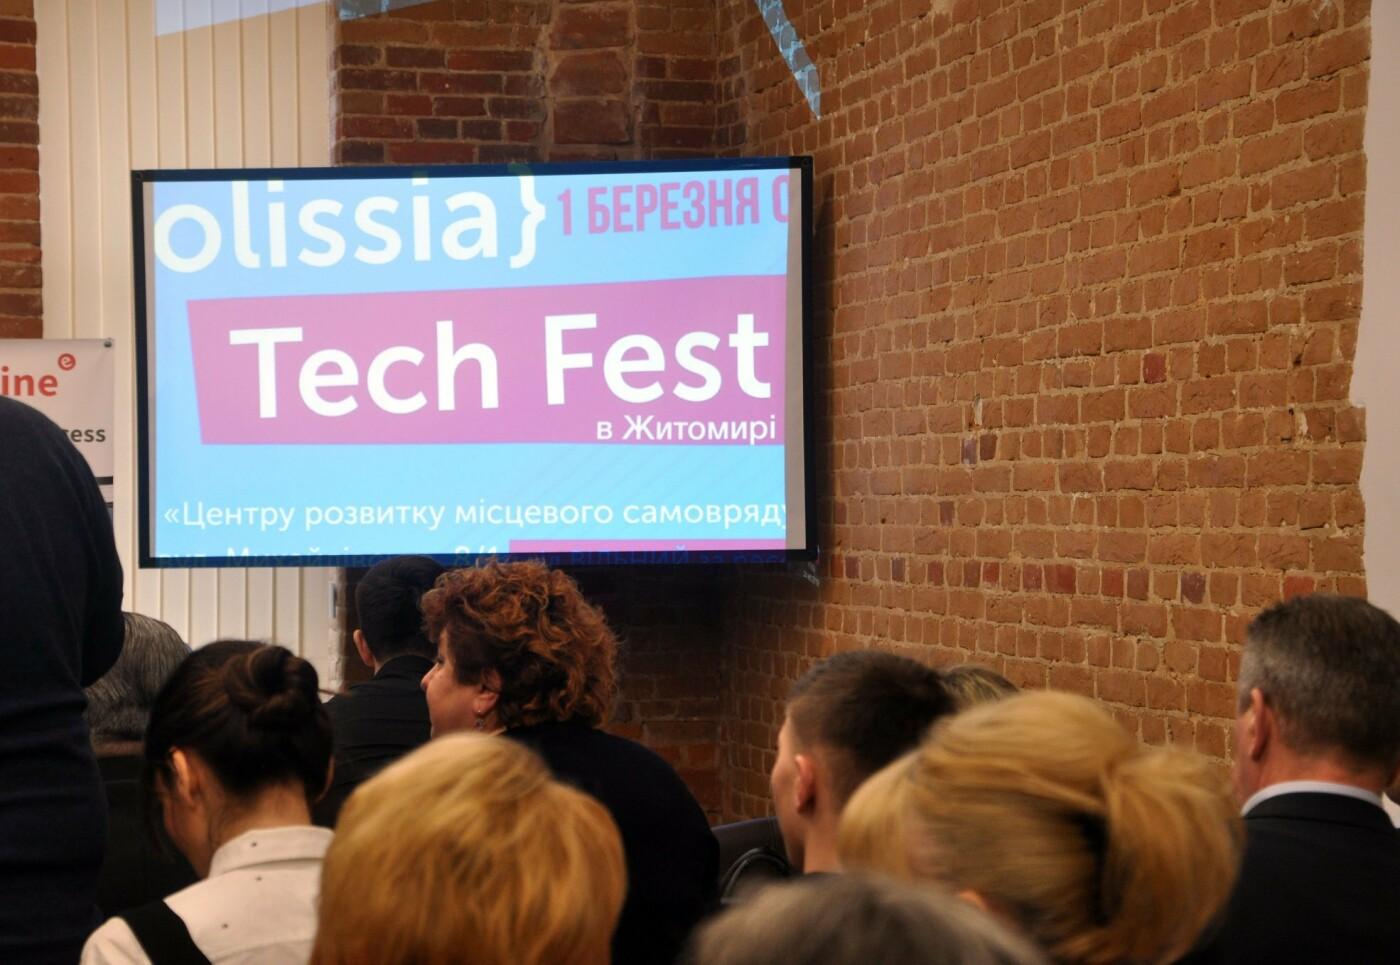 У Житомирі проходить PolissiaTechFest, фото-1